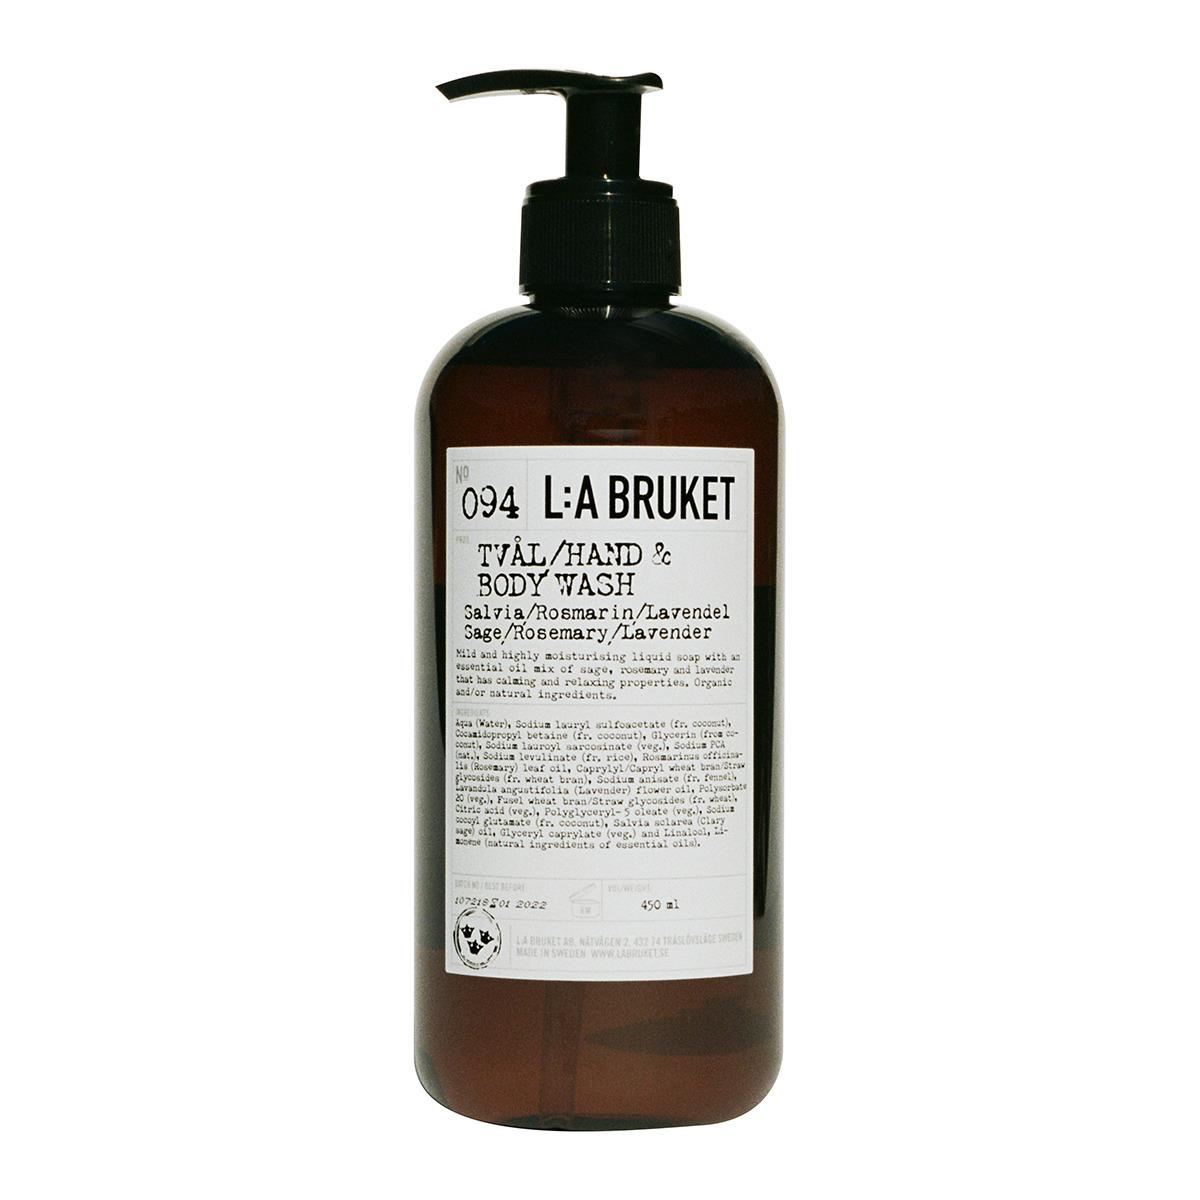 Jabón líquido Rose Mary Lavander La Bruket